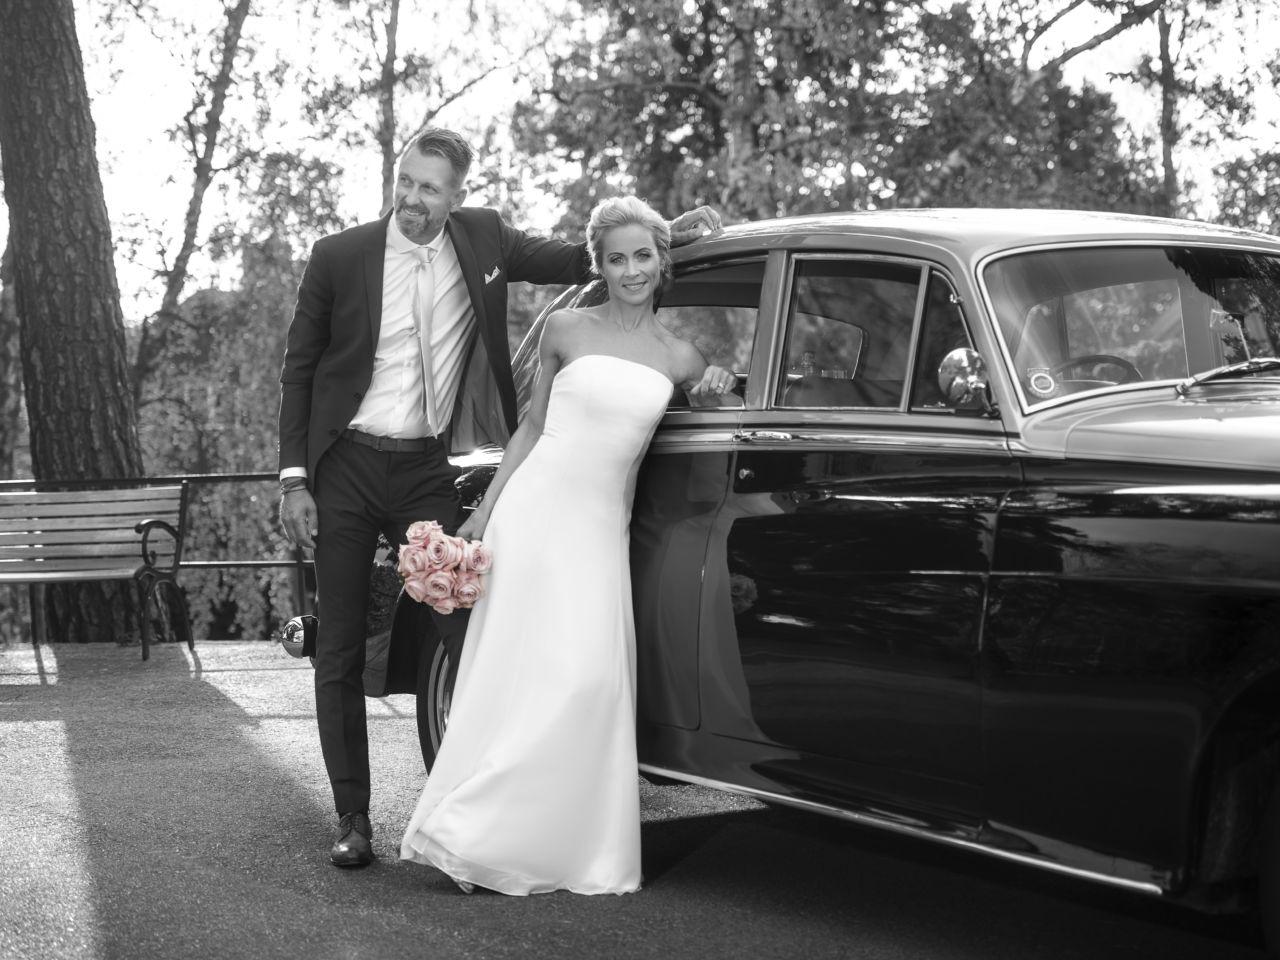 Mindre lycklig efter bröllopet?